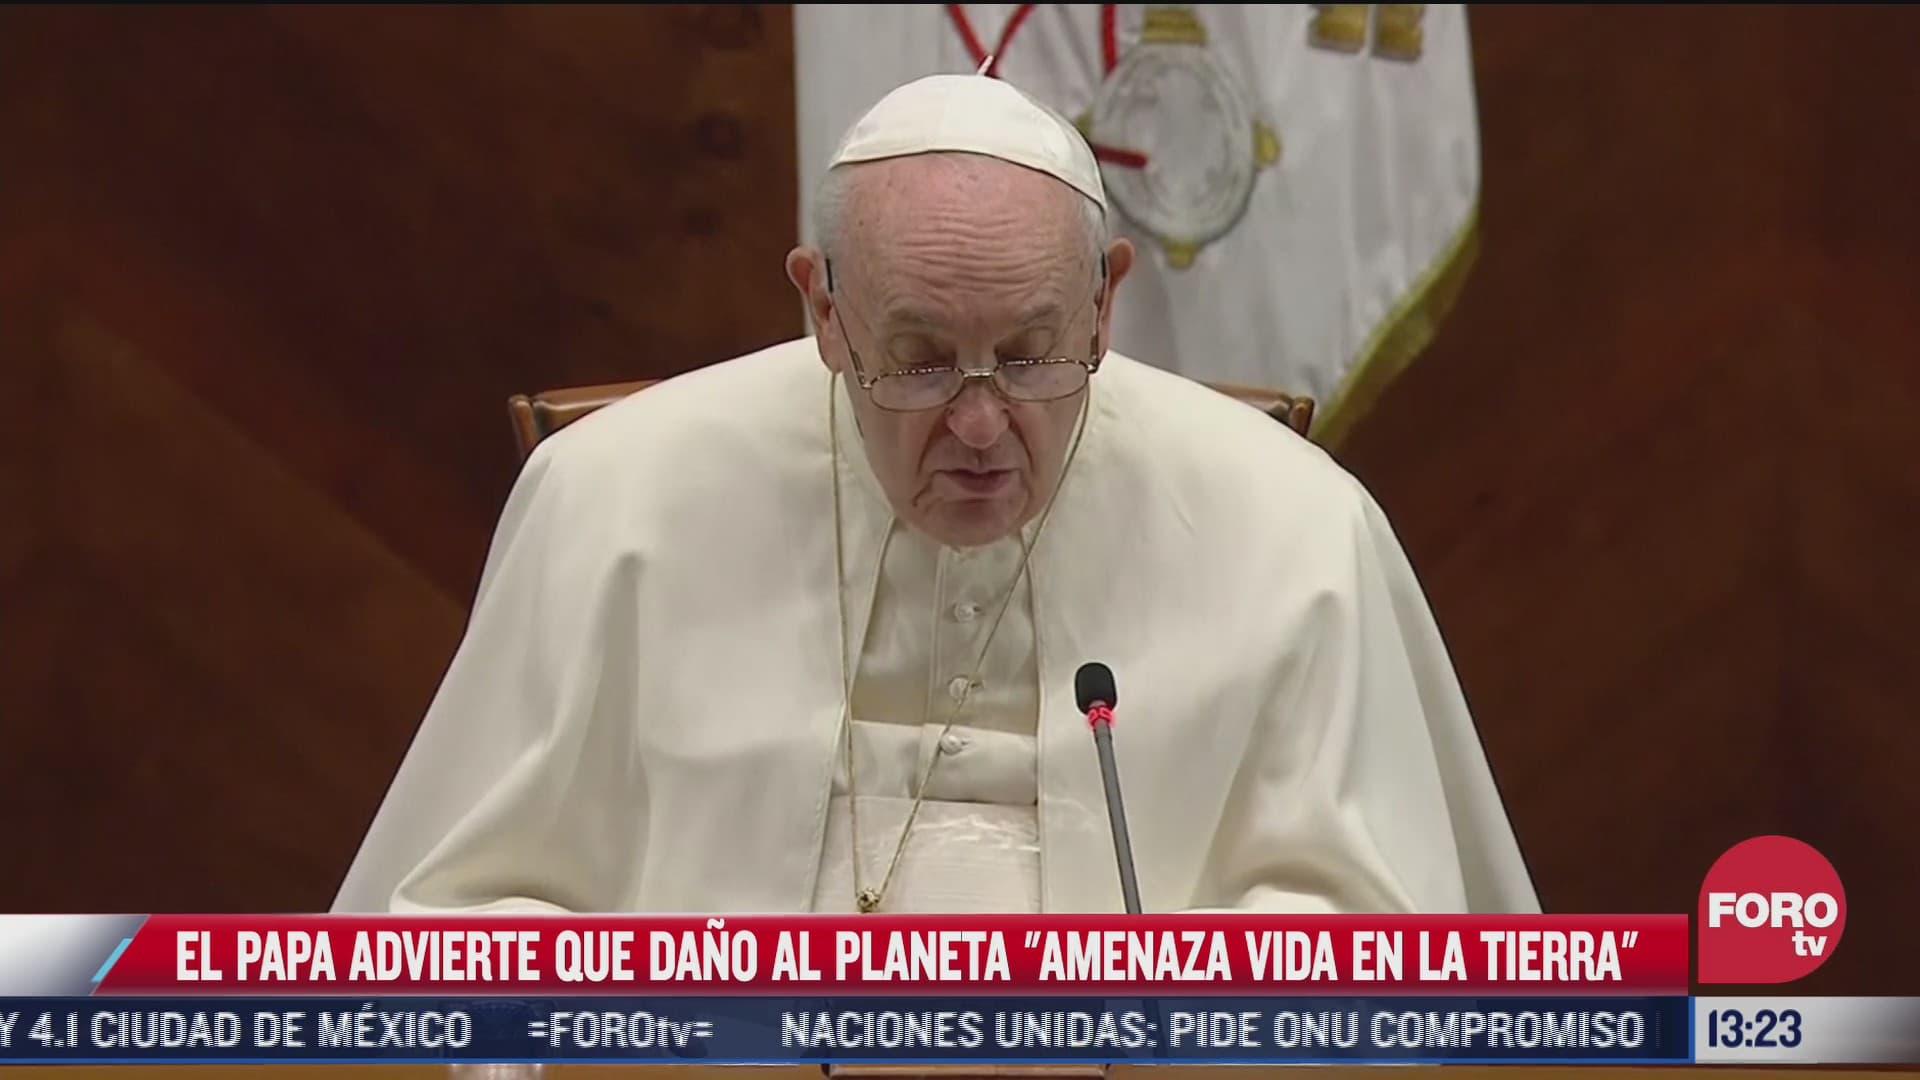 papa advierte que la humanidad amenaza a la vida en la tierra